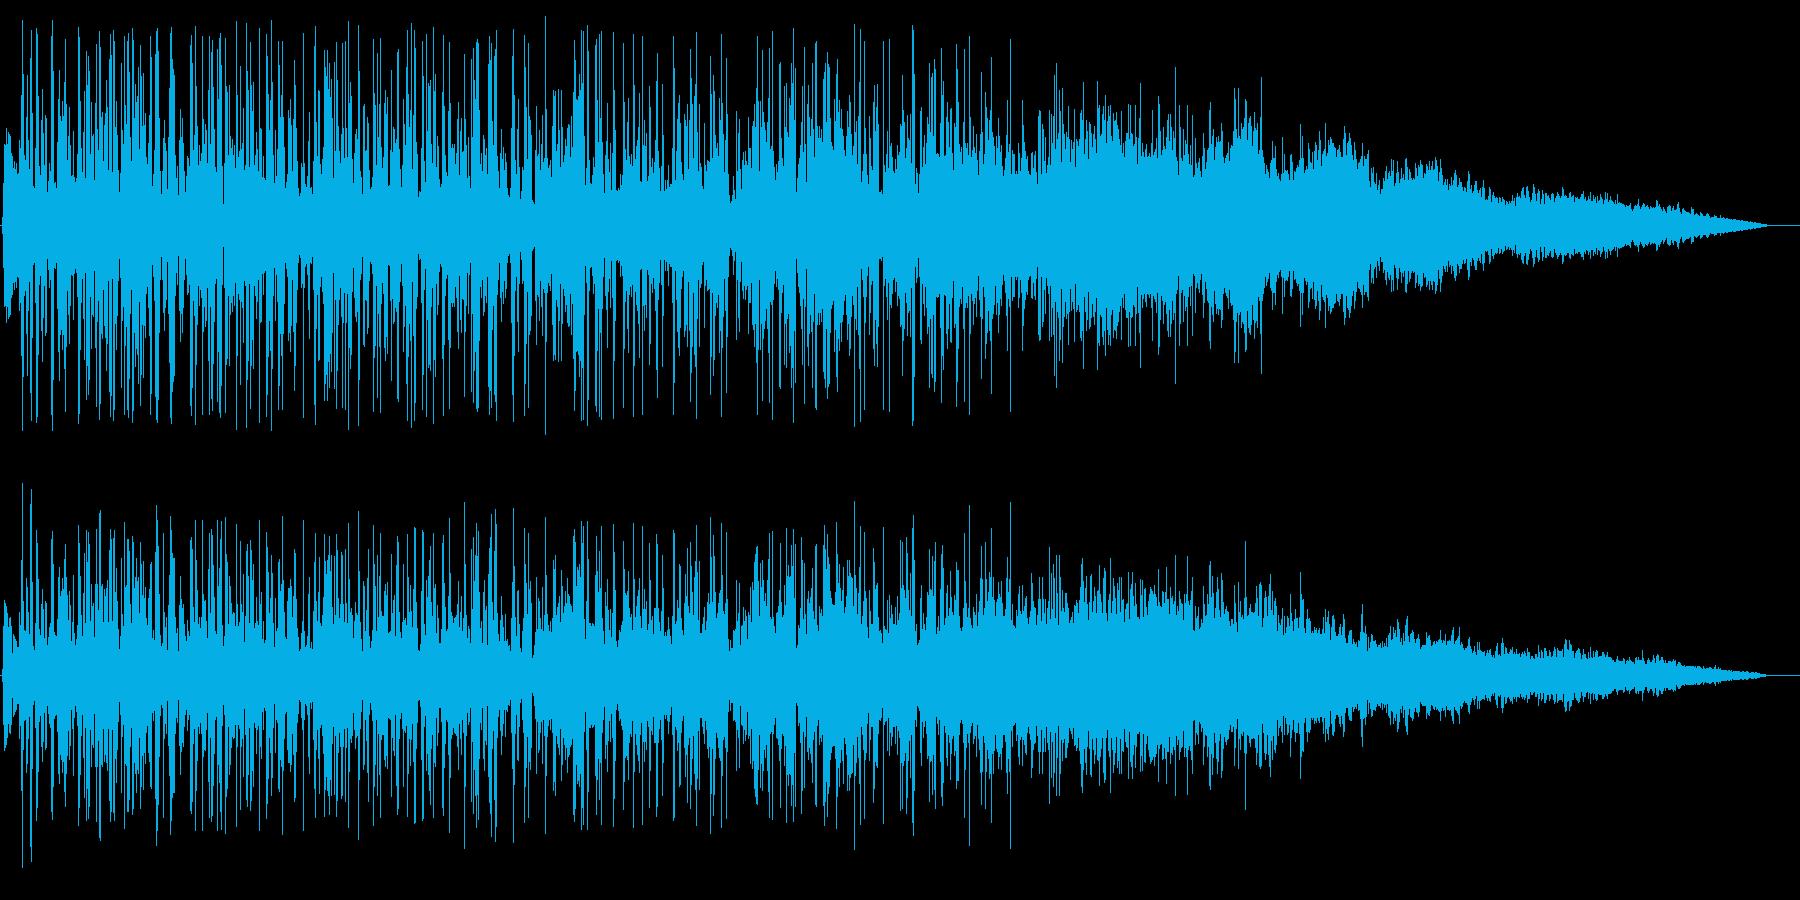 排水溝に吸い込まれる音の再生済みの波形